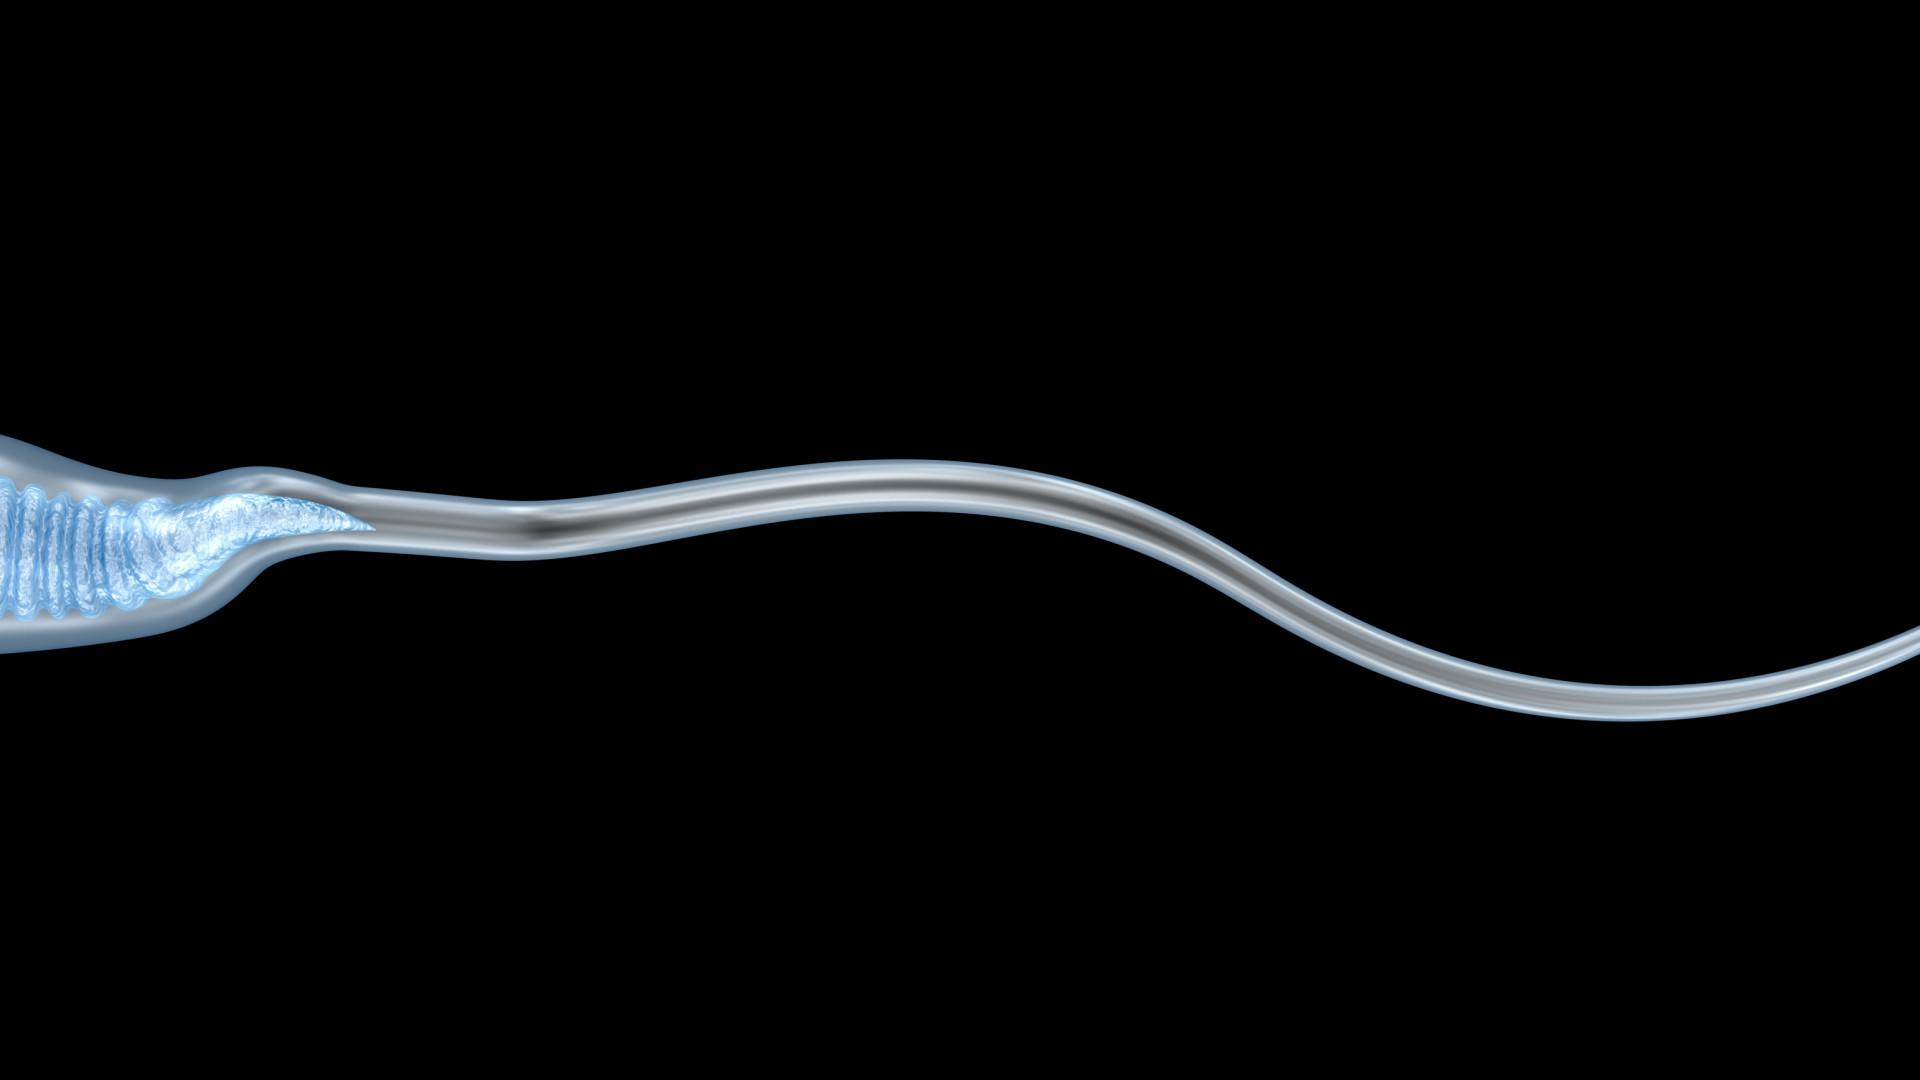 A saúde deles: Antialérgicos podem prejudicar fertilidade masculina